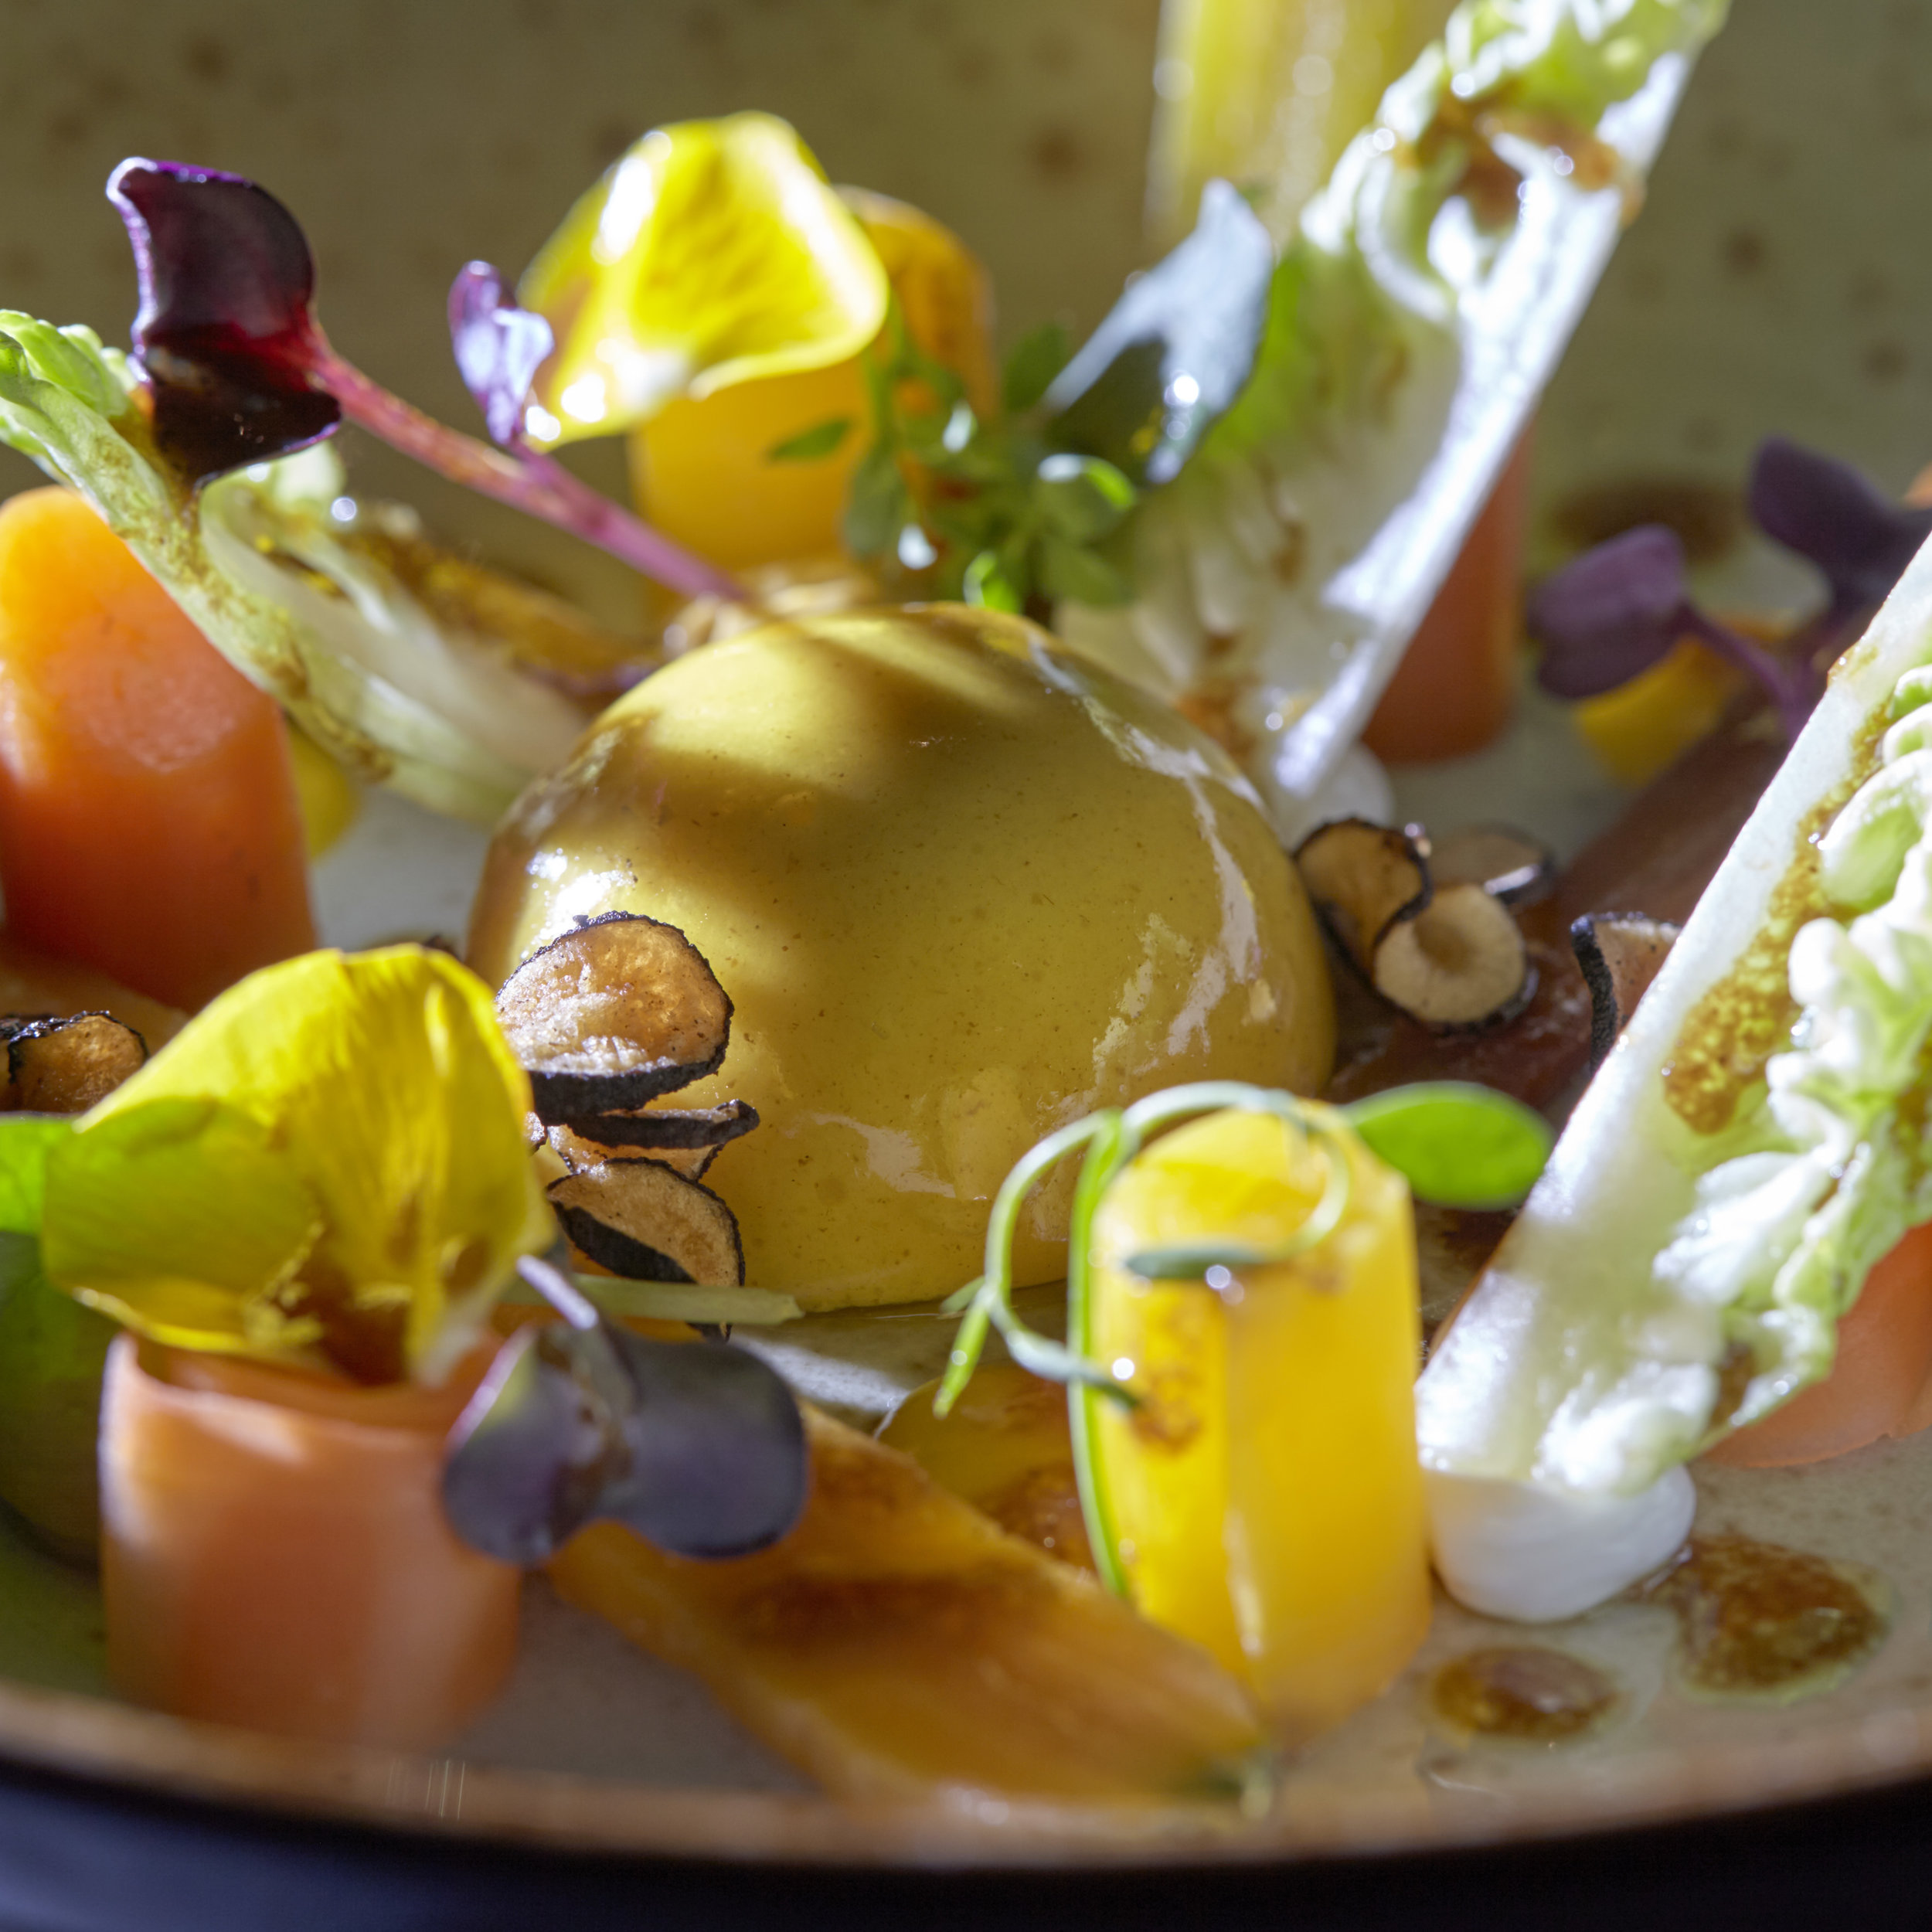 Michel van der Kroft   Luchtige creme van geitenyoghurt met vadouvan, kumquat en wortel-varieteiten